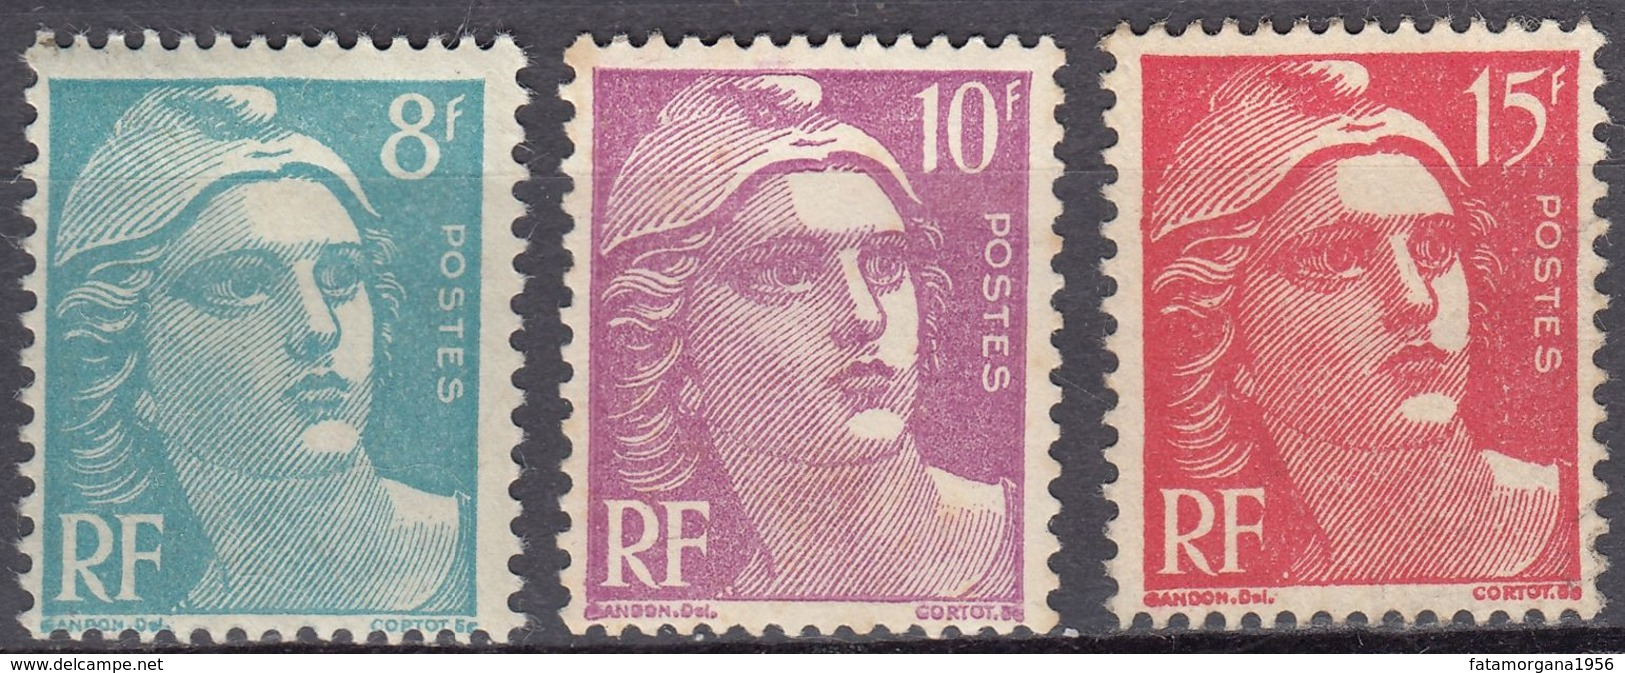 FRANCE - 1948 - Lotto Composto Da 3 Valori Nuovi MH: Yvert  810, 811 E 813. - Unused Stamps